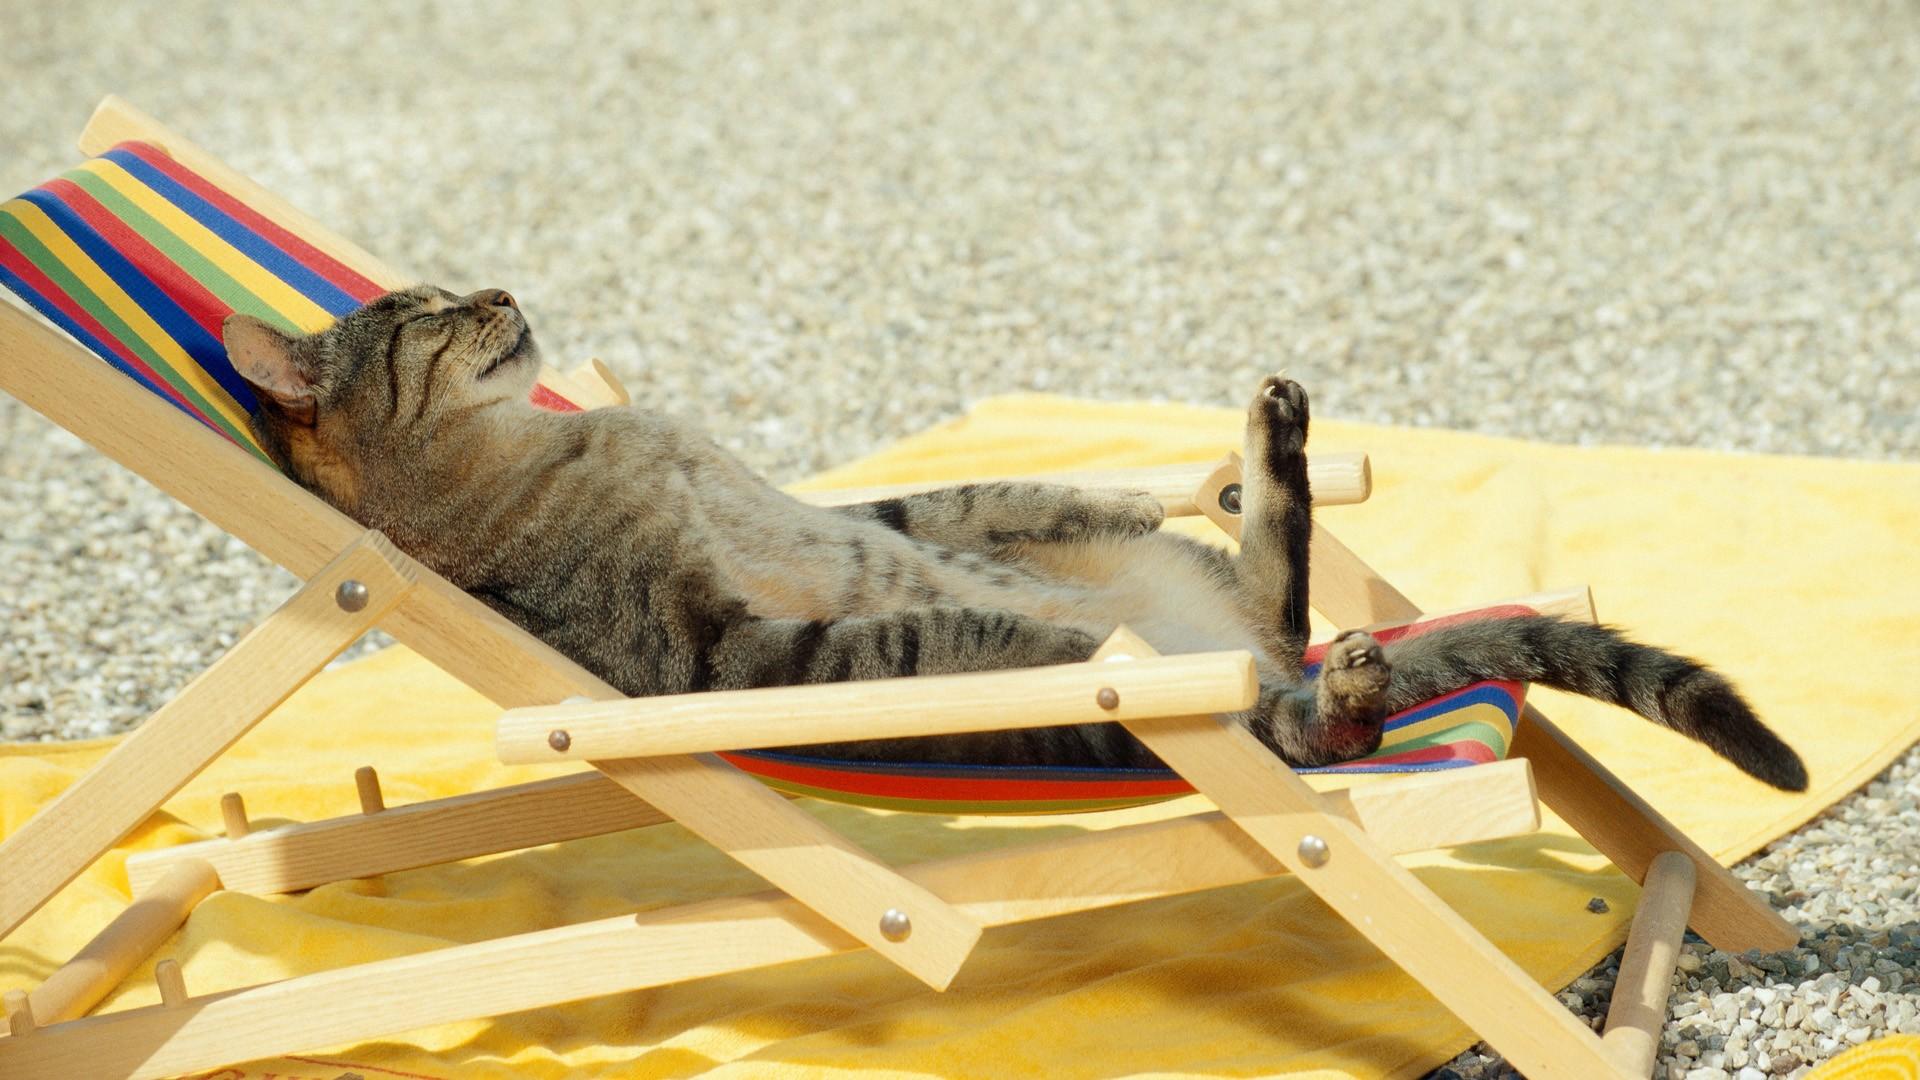 Un gato tomando sol - 1920x1080